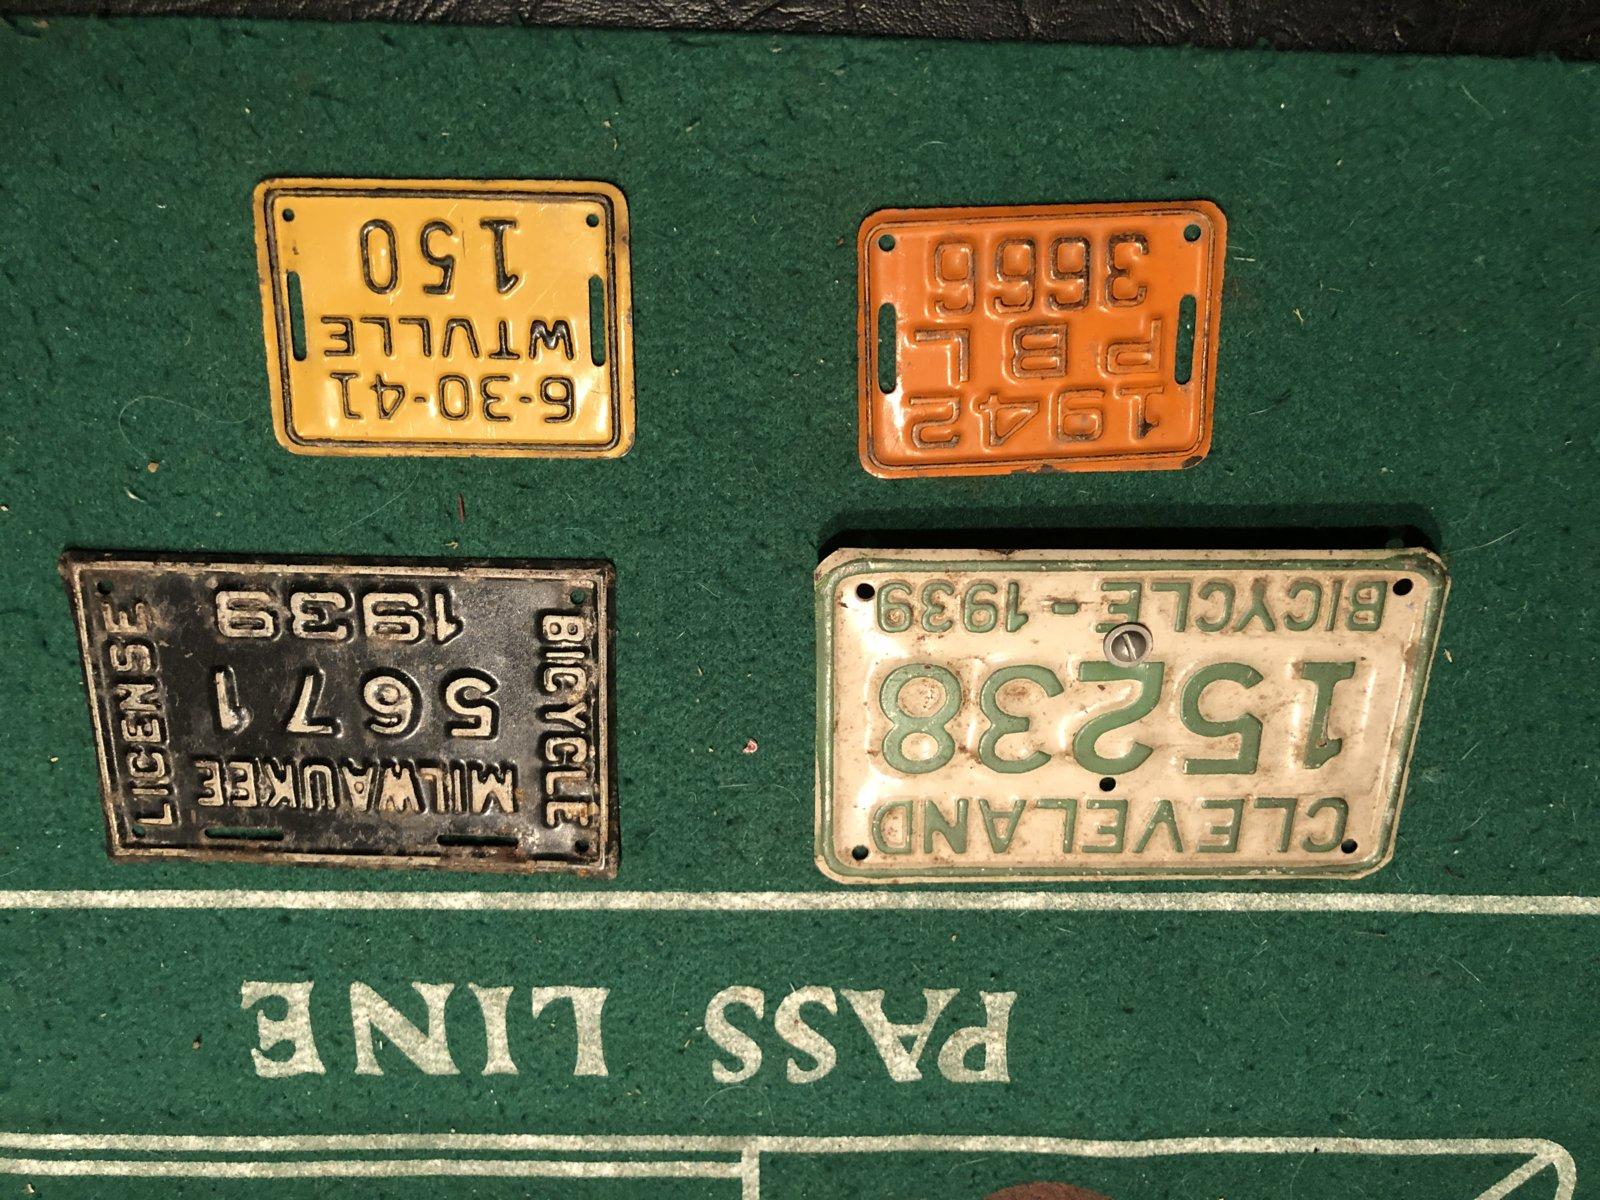 525CD684-17E5-4693-B212-7FE1264661E2.jpeg